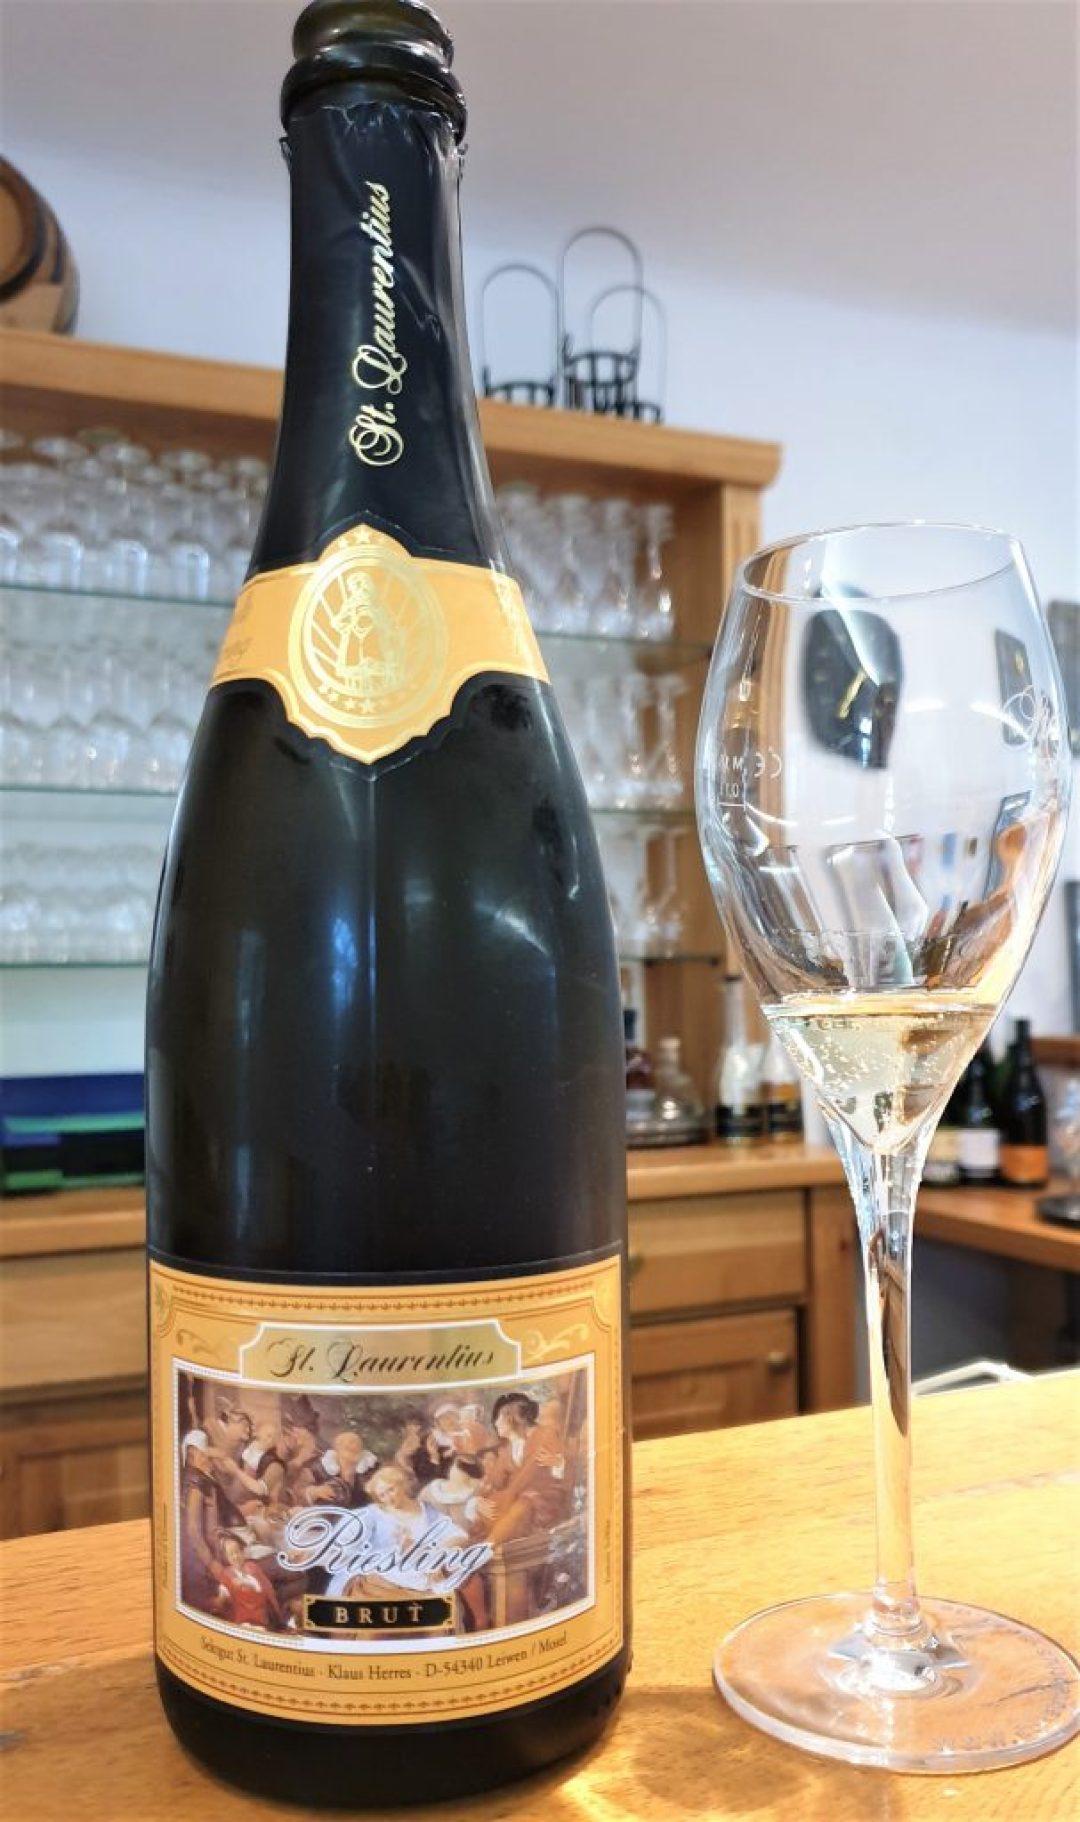 Wijnreis Moezel en Duitse wijn: Sektgut St. Laurentius